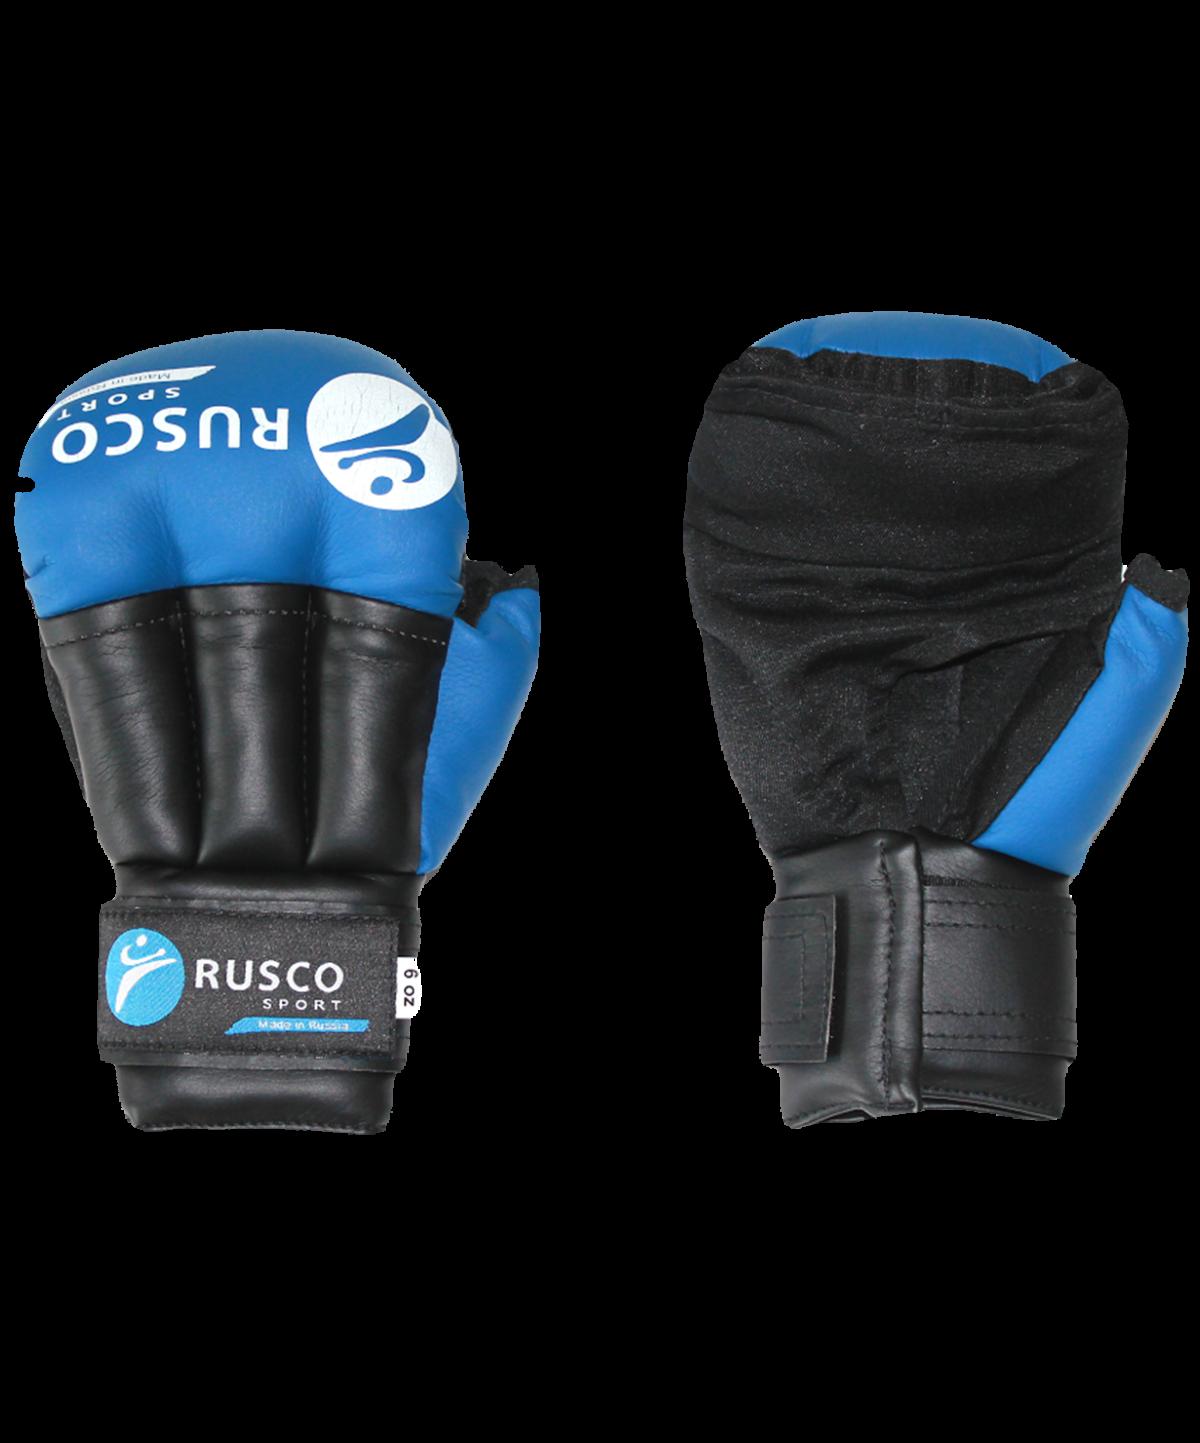 RUSCO перчатки для рукопашного боя  9845: синий - 1